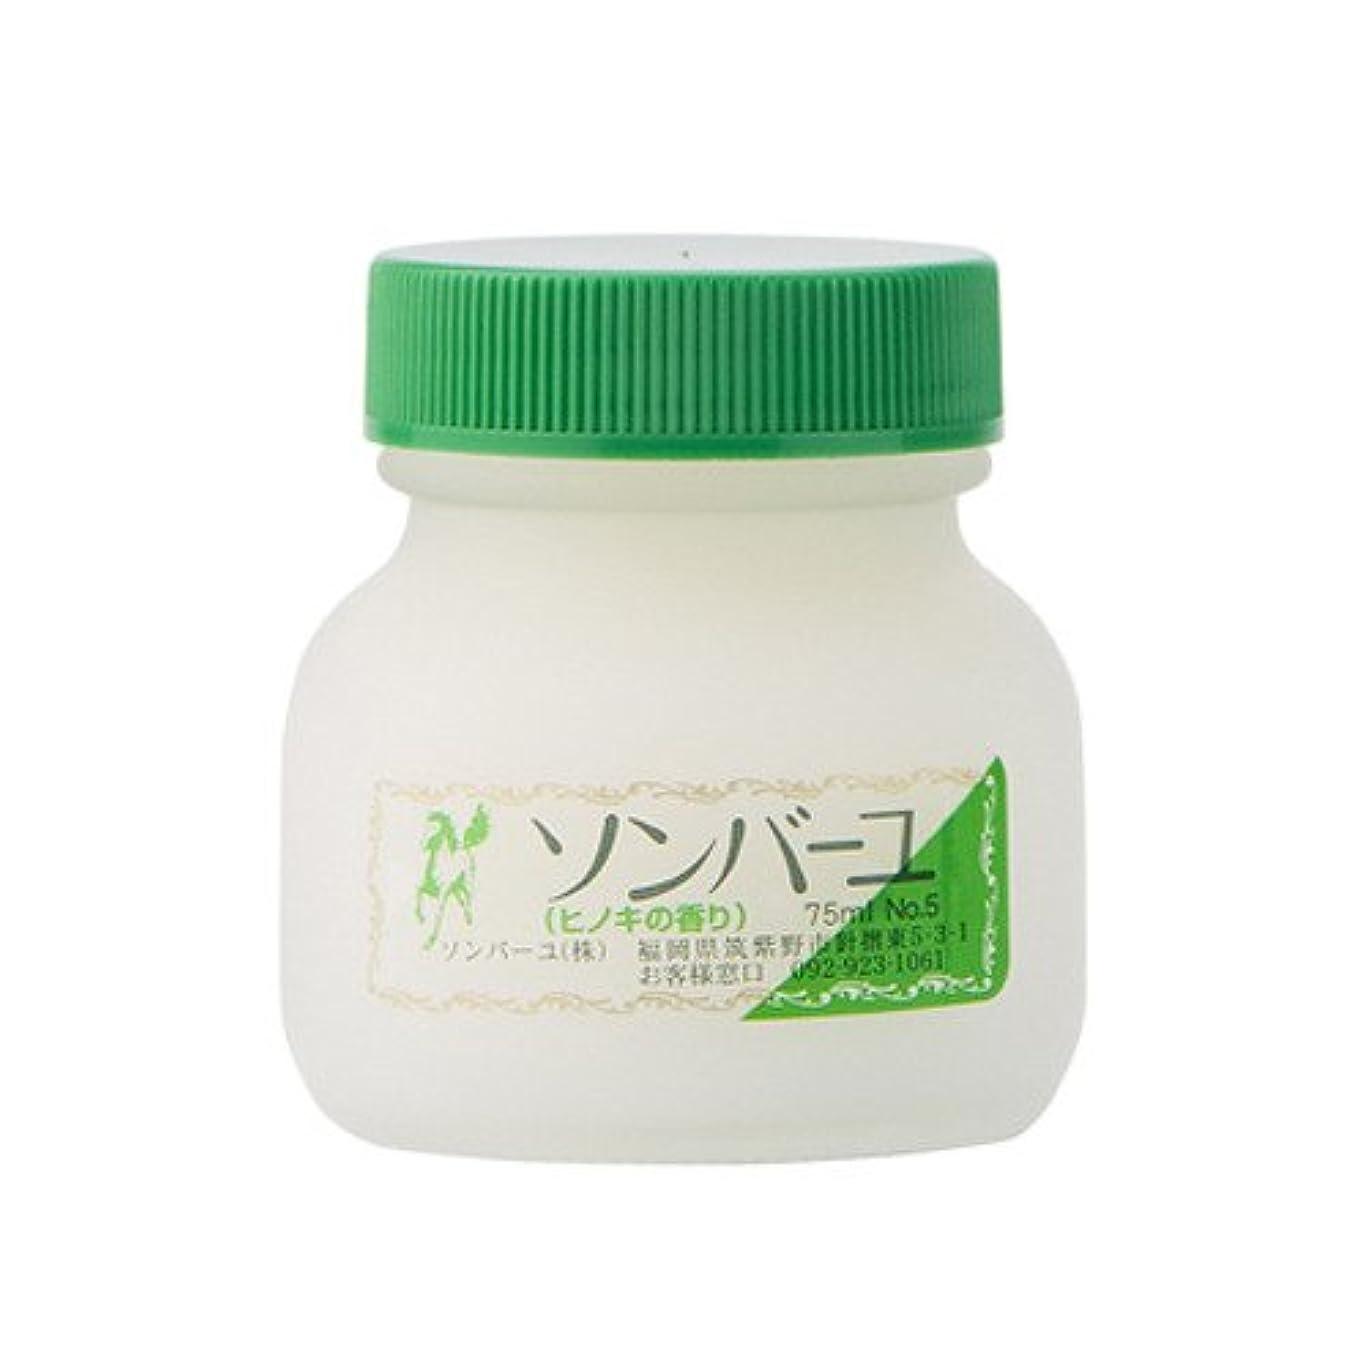 警戒火山学賞ソンバーユ 馬油100% ヒノキの香り